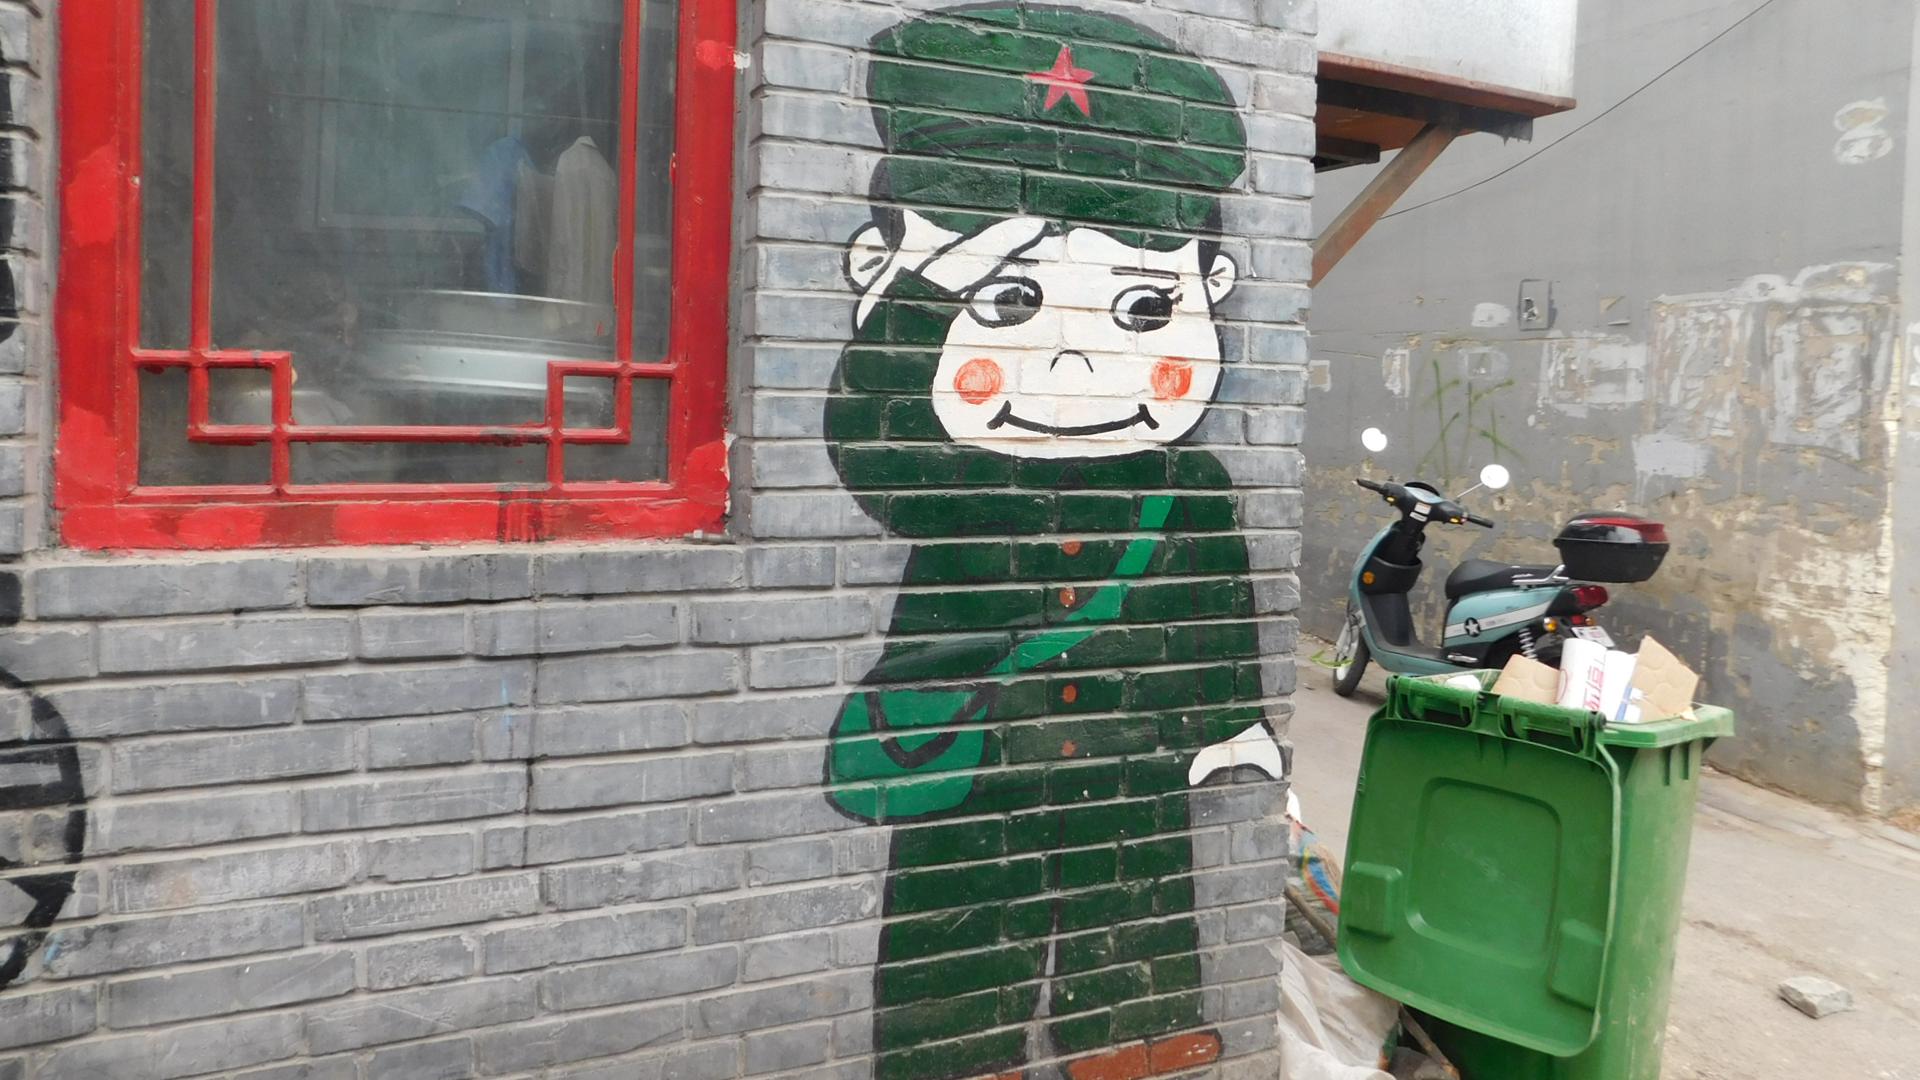 Diese kleinen Kerlchen sind das Pendant zum deutschen Graffiti :D